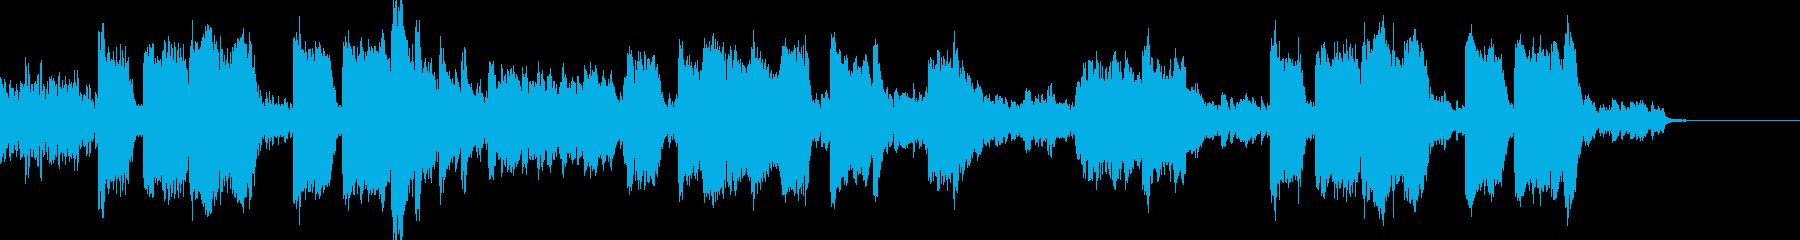 この映画のオーケストラ作品では、ピ...の再生済みの波形